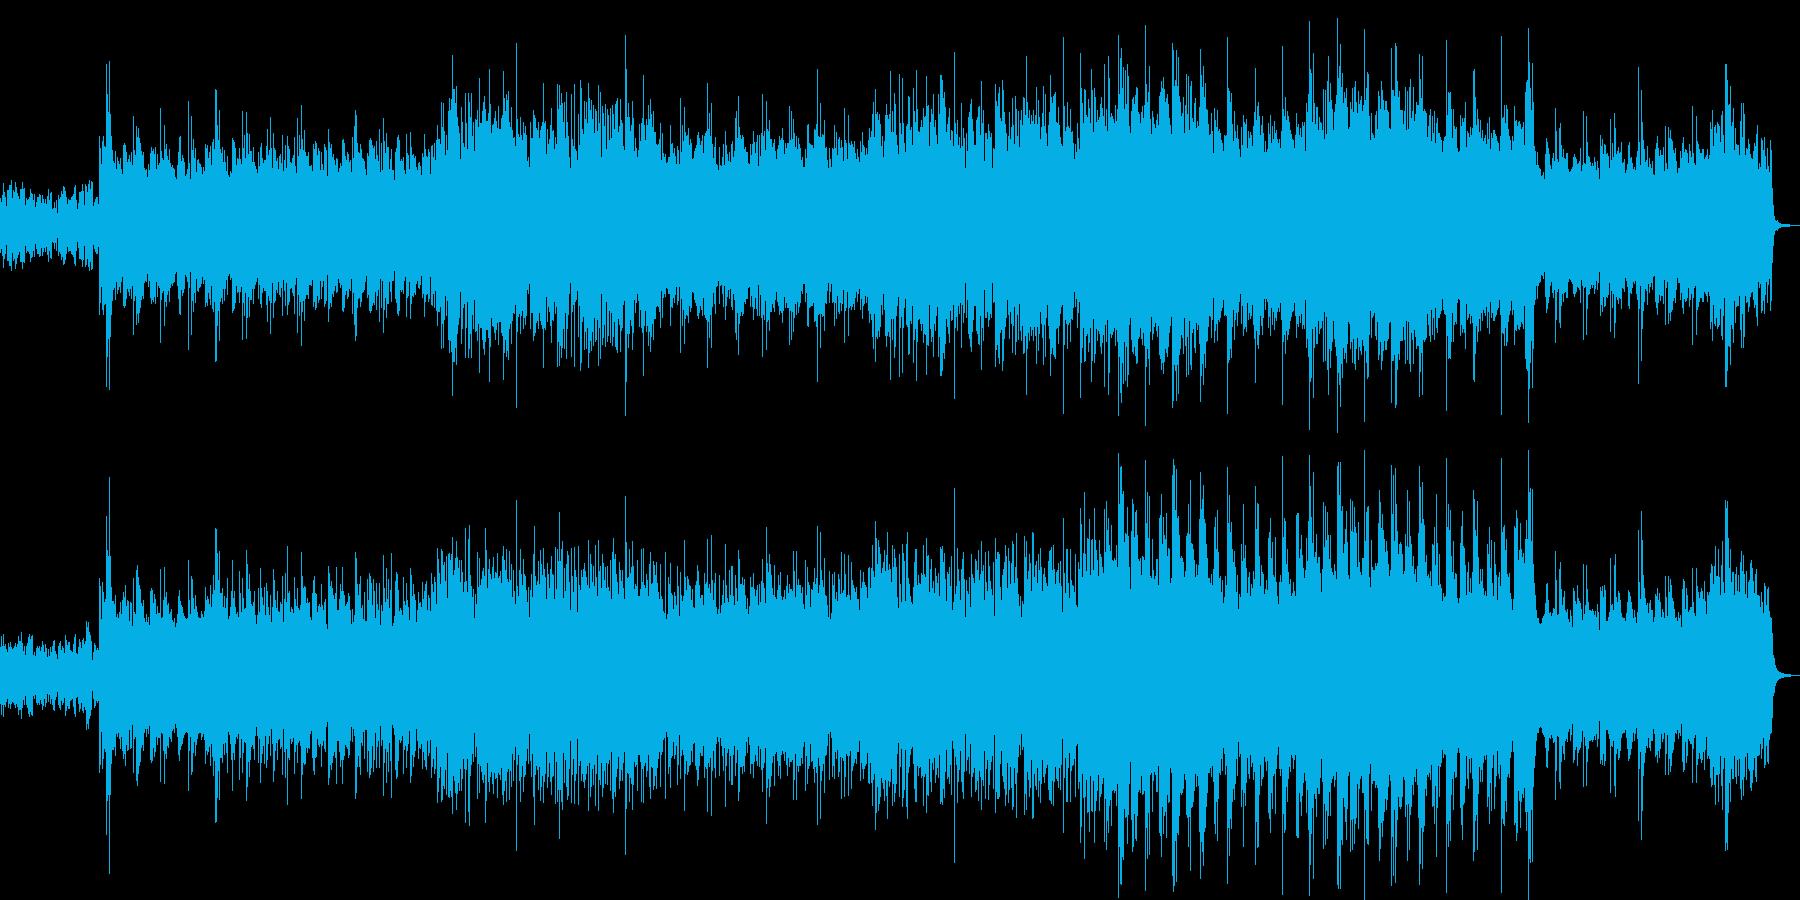 笛・箏・打楽器の和風リラクゼーション音楽の再生済みの波形